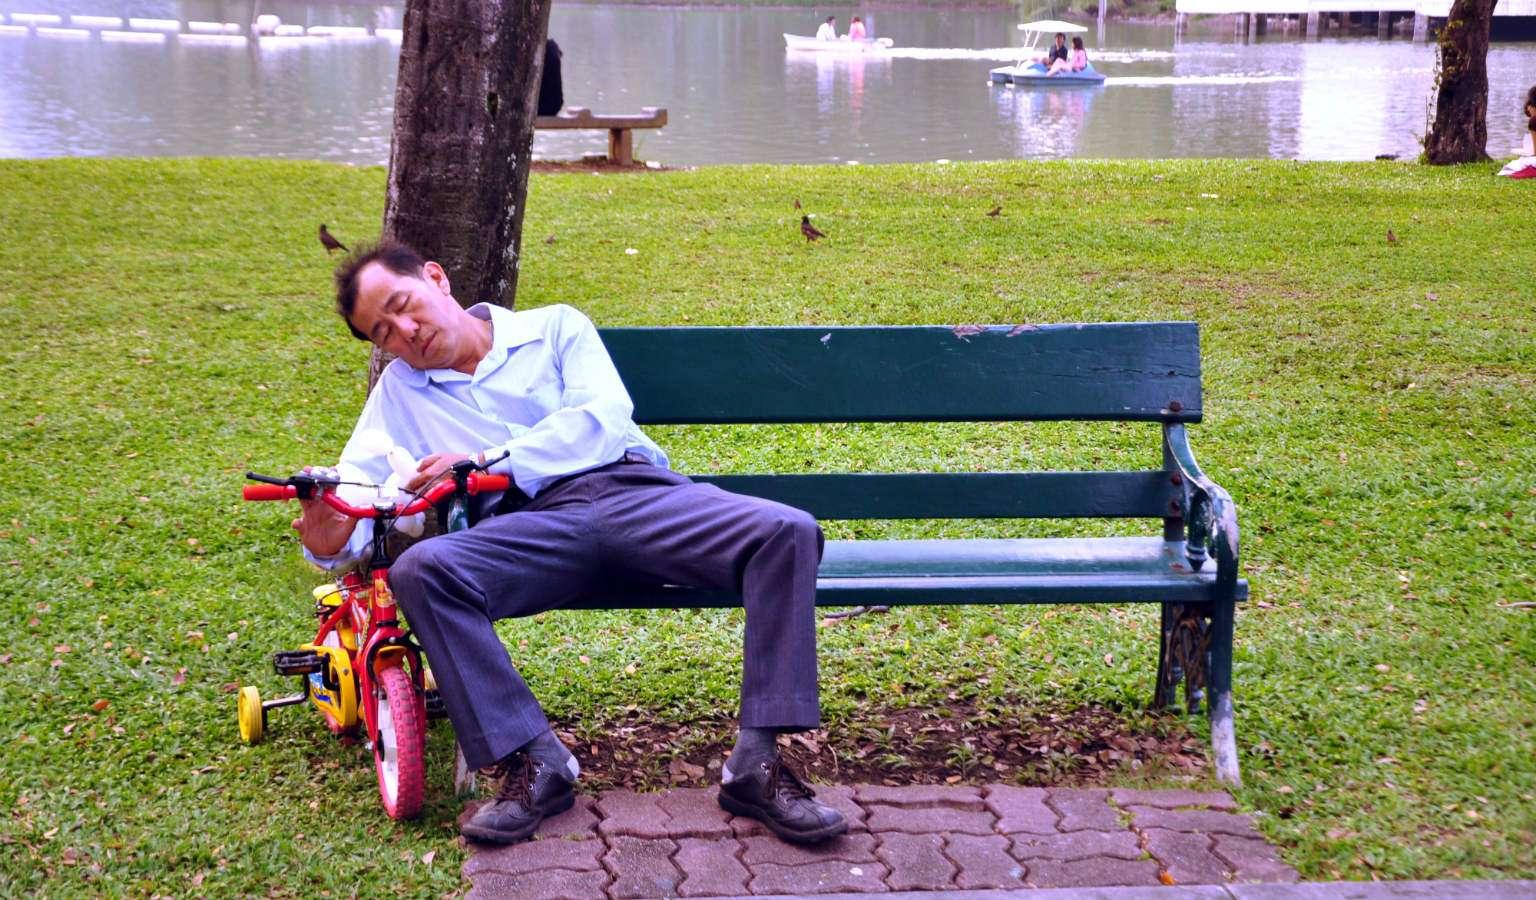 Dutrje doen in het Lumphini Park in Bangkok, Thailand